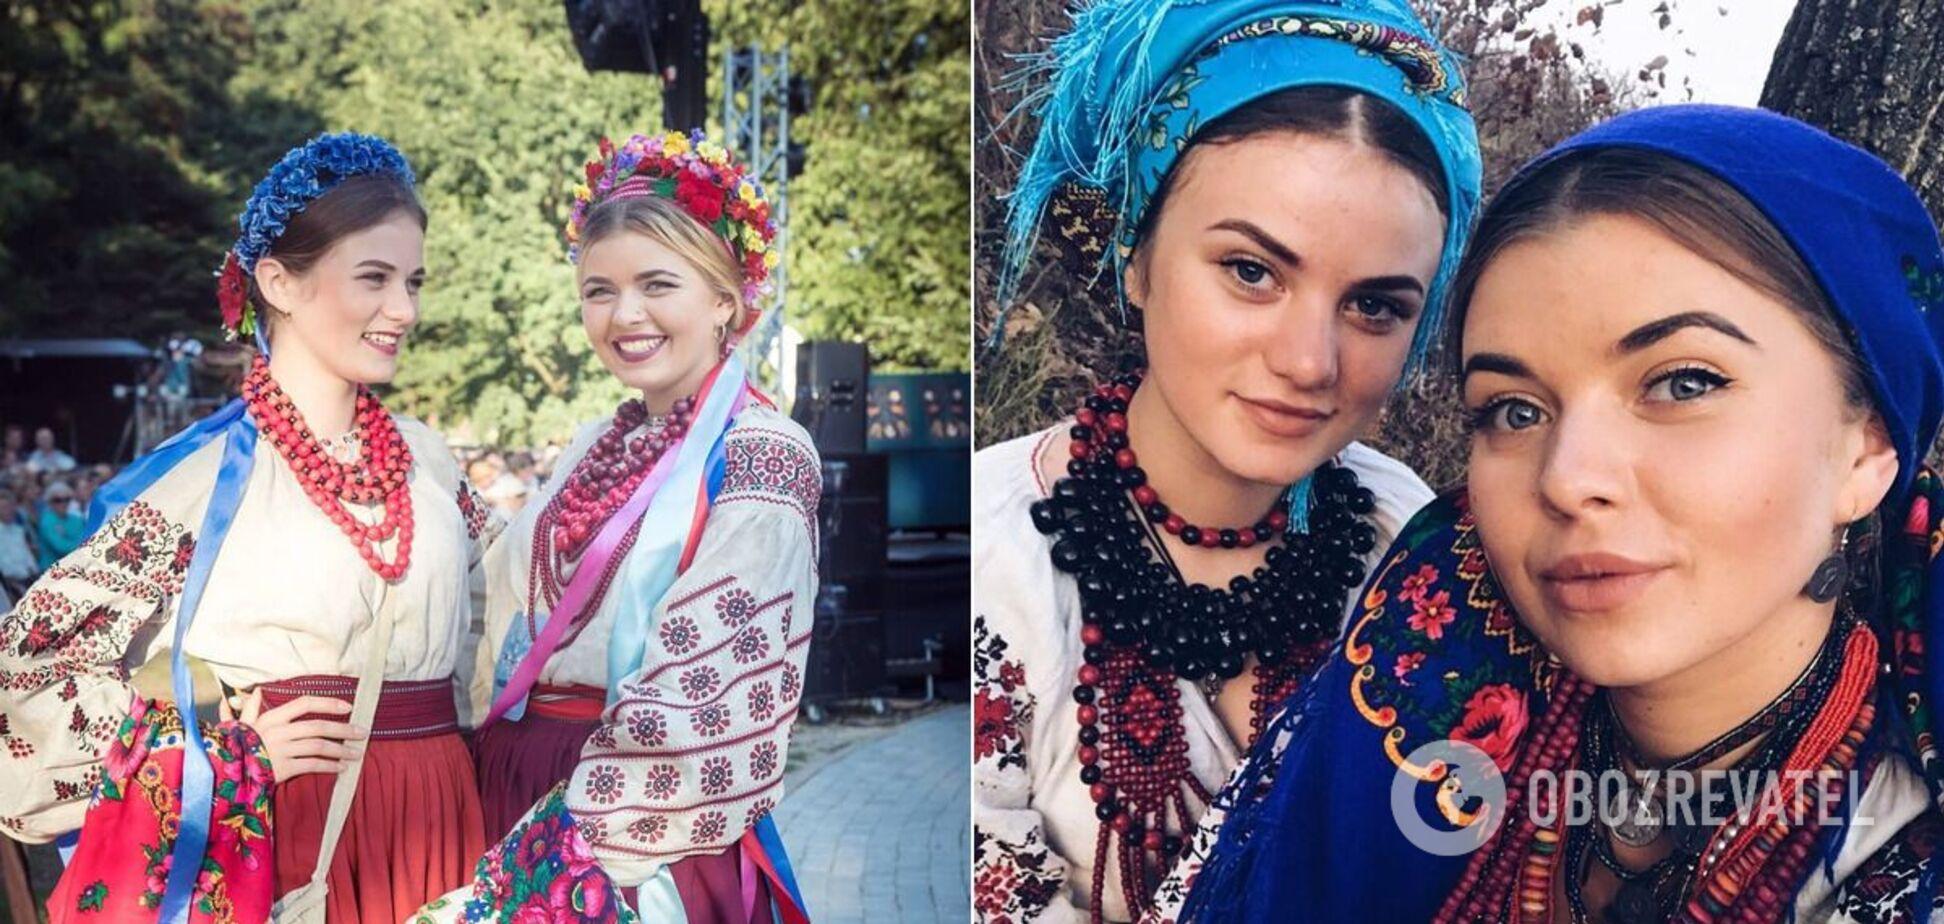 Сестры из Ривненской области стали популярными в TikTok